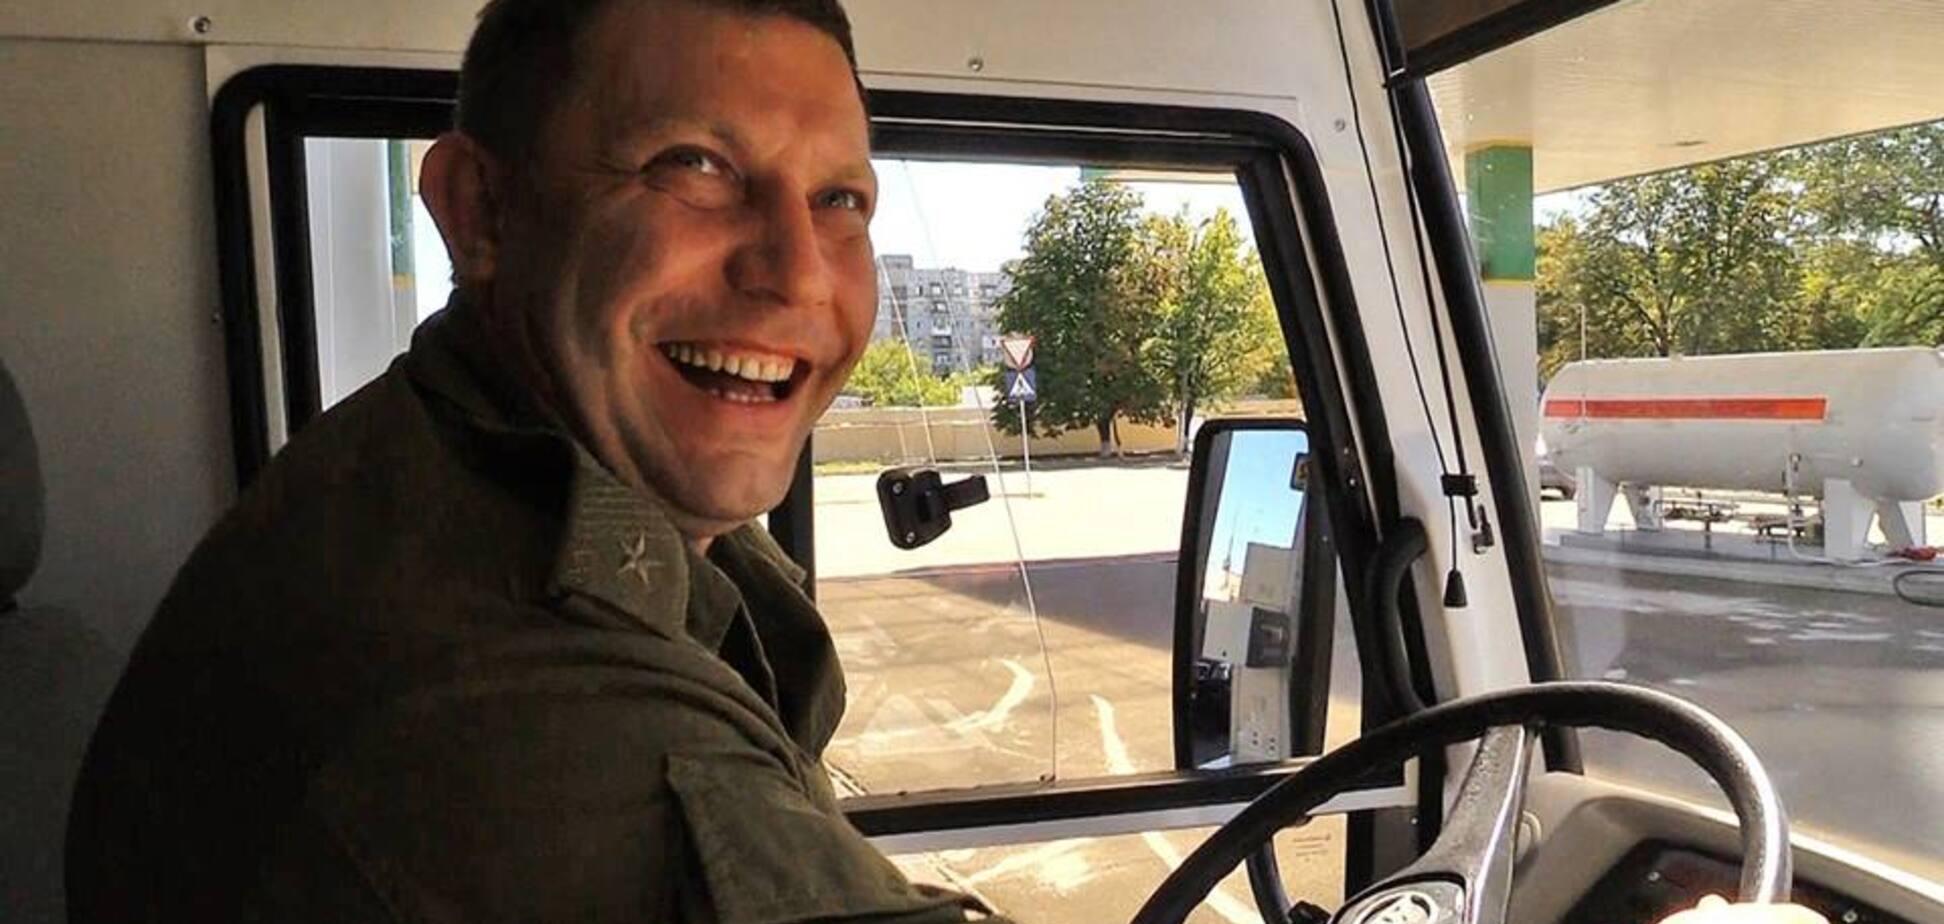 'Велике досягнення ДНР' виявилося фейком: Захарченка спіймали на нахабній брехні